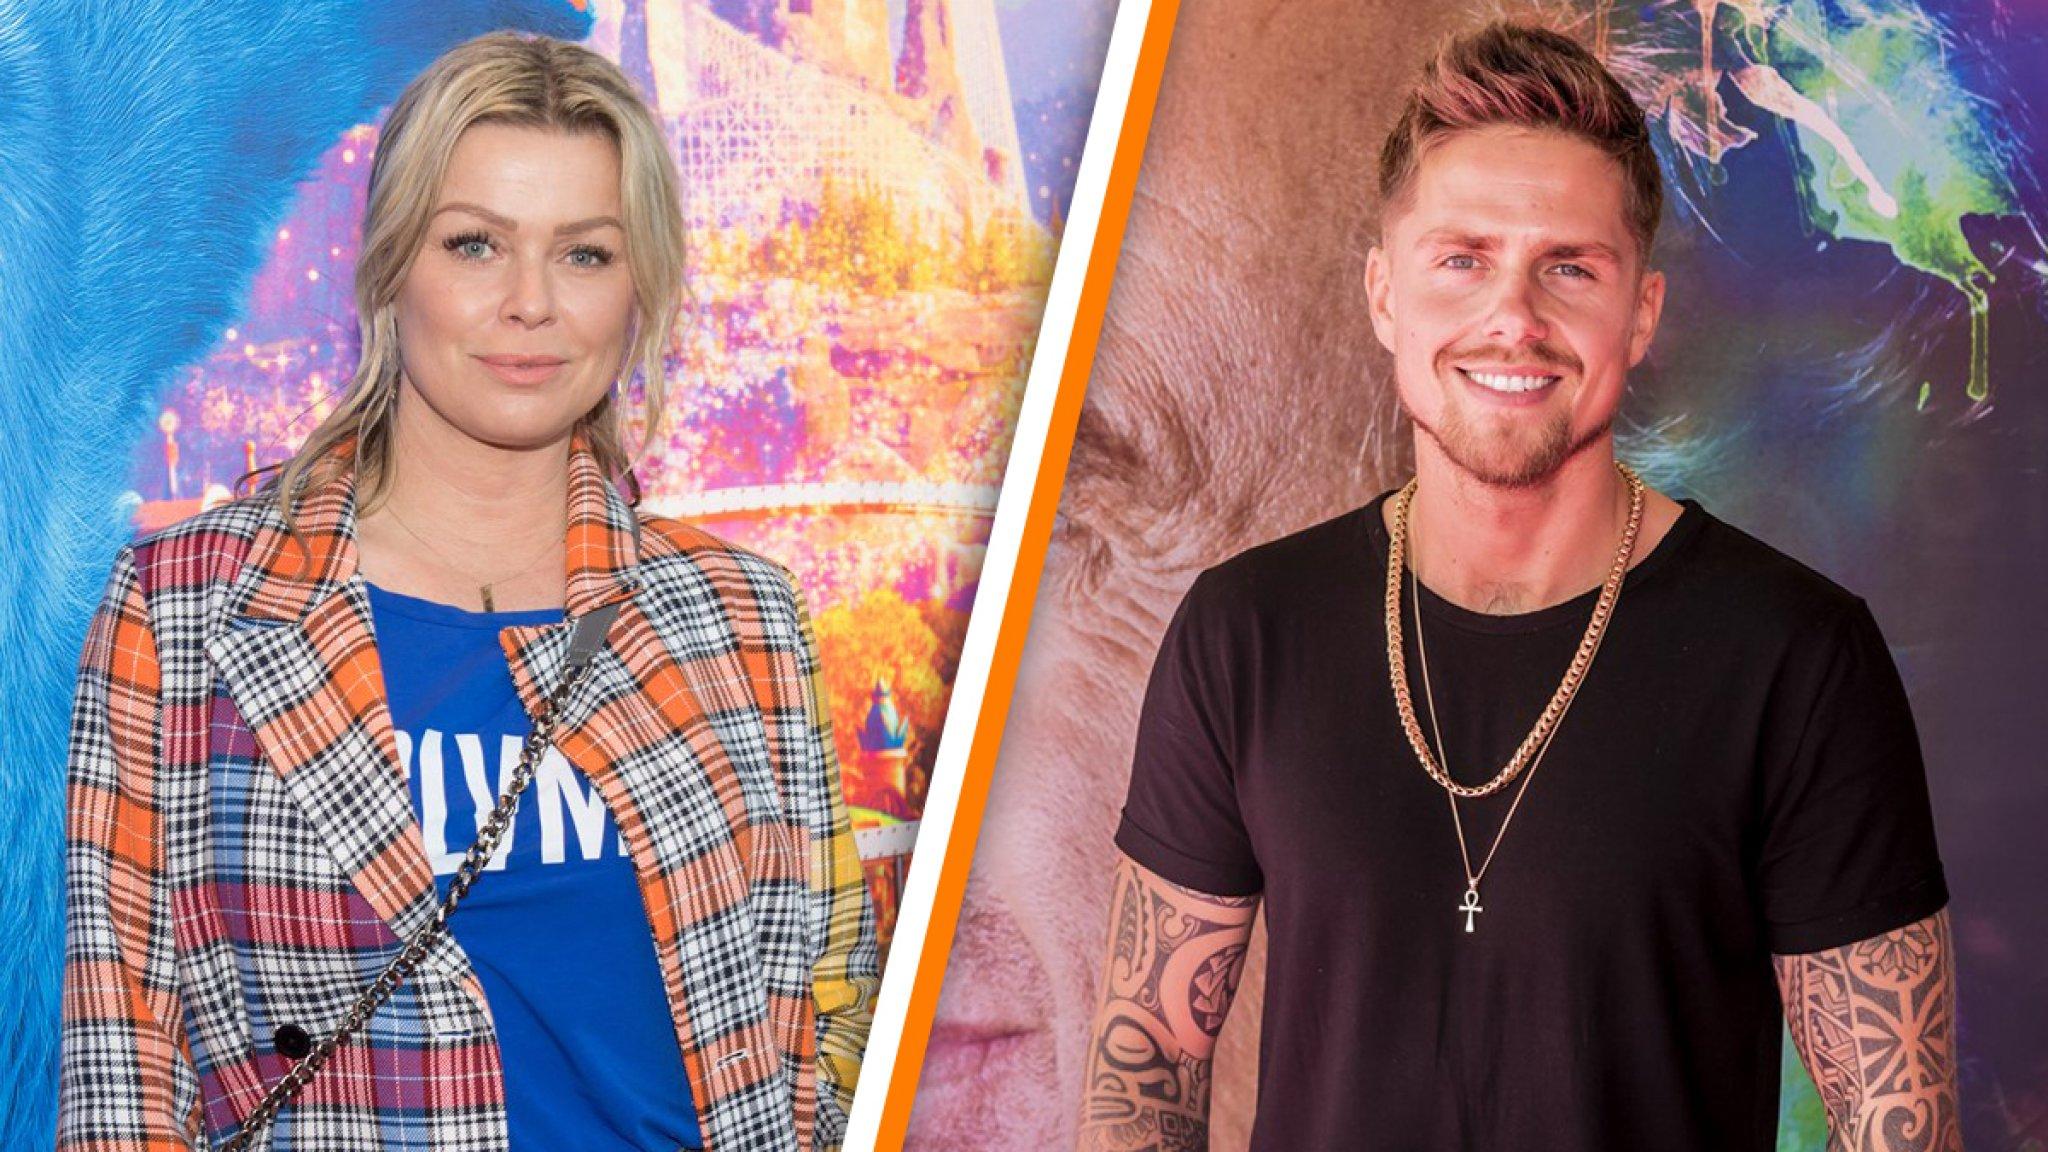 Bridget Maasland geeft toe: 'André vroeg mij ook ten huwelijk' - RTL Boulevard